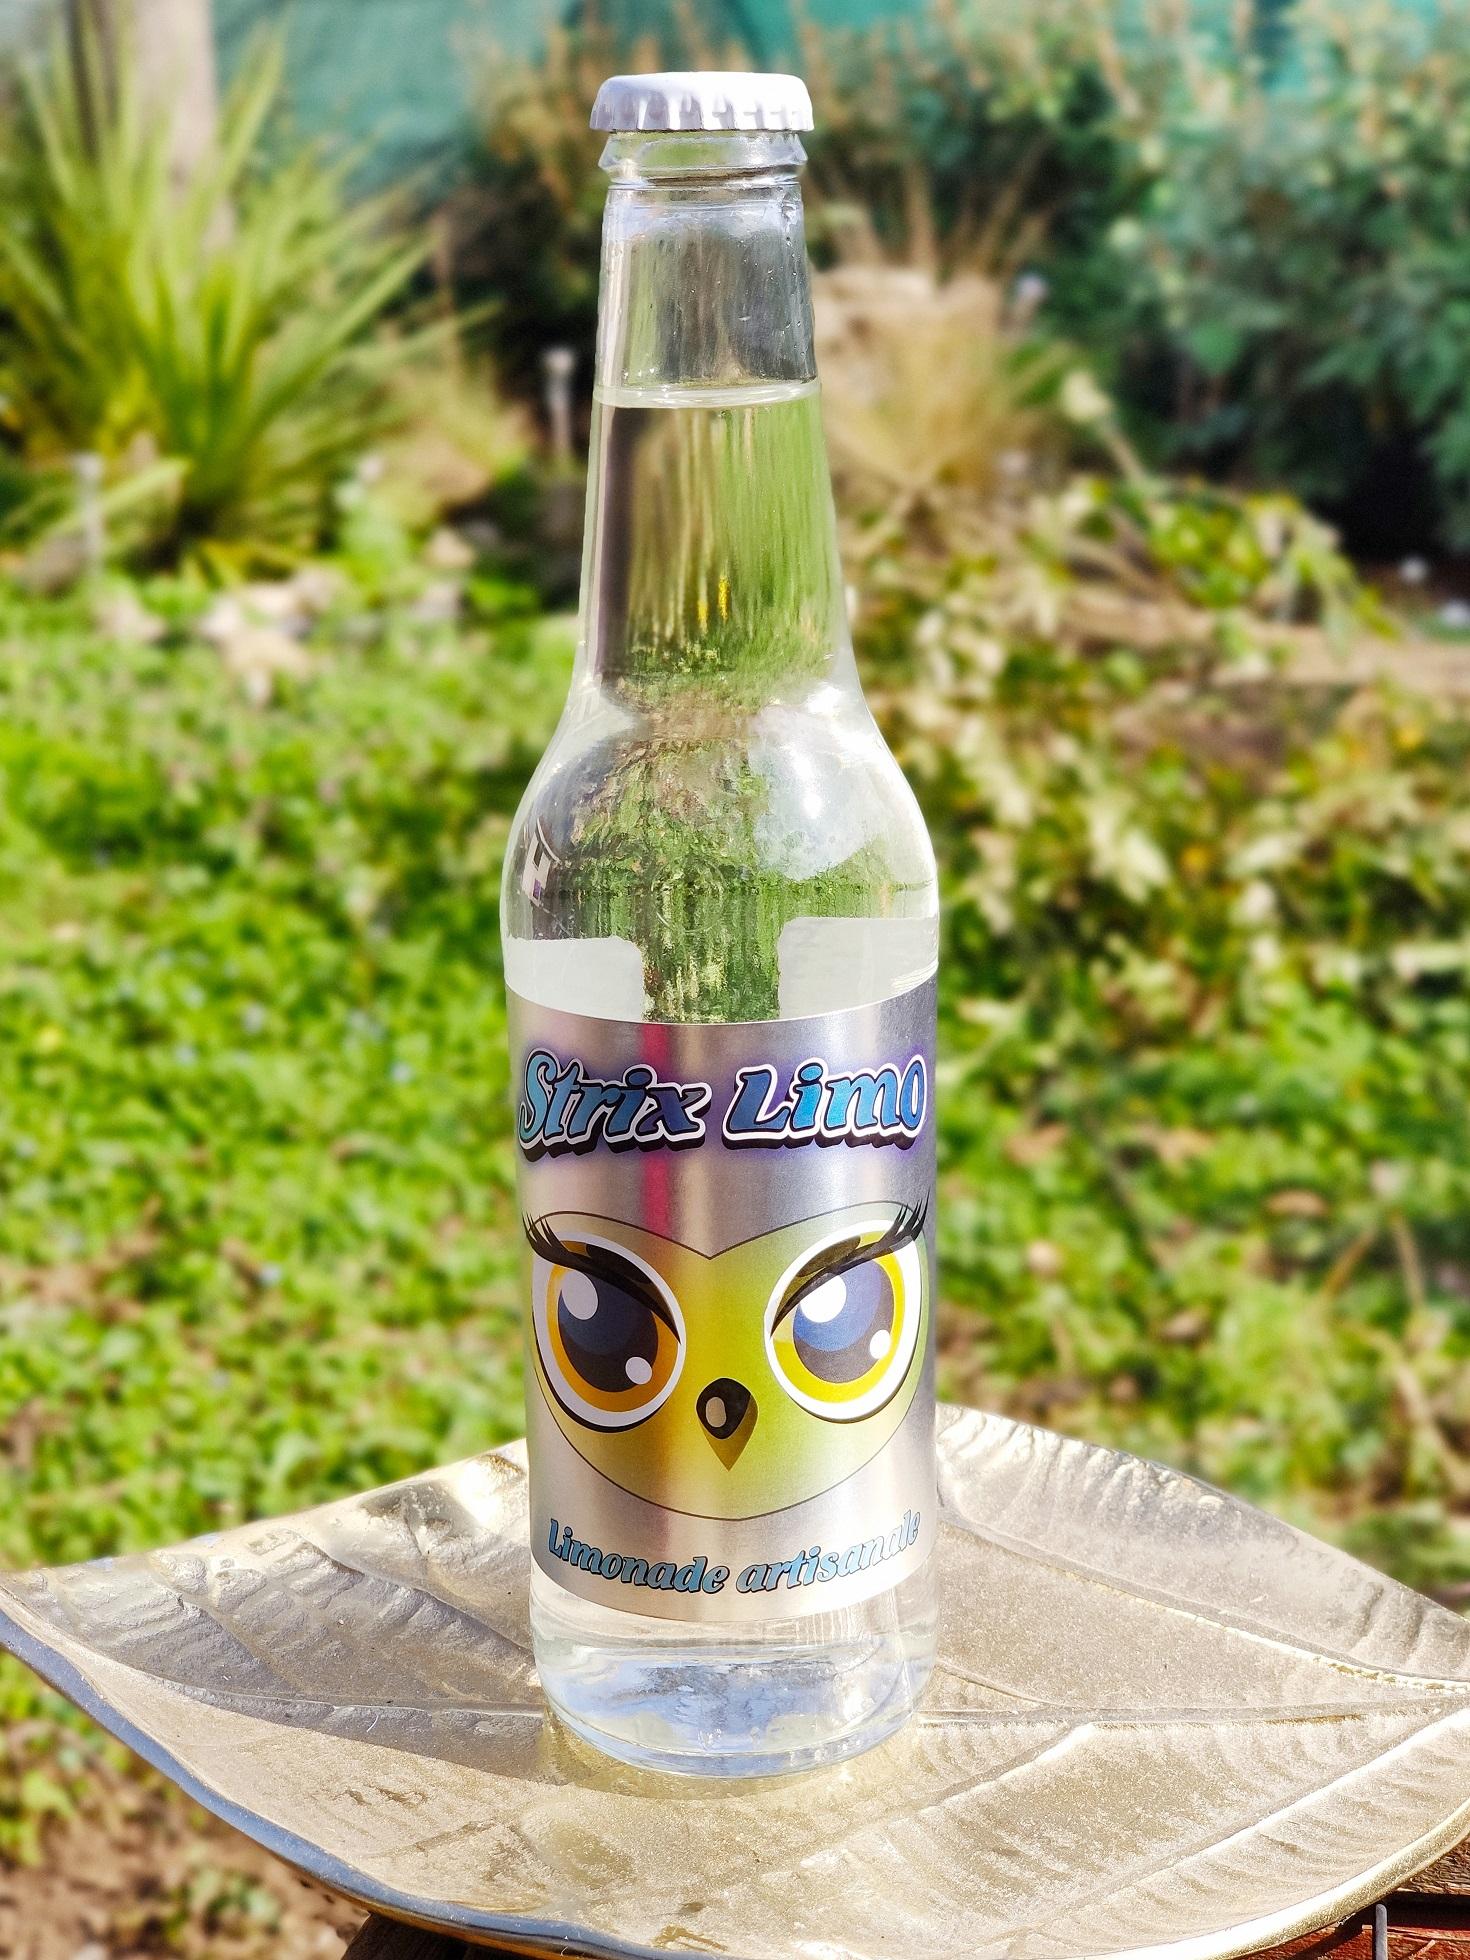 Bouteille de limonade artisanale Strix Limo de la Brasserie des Aucels à Bédarieux